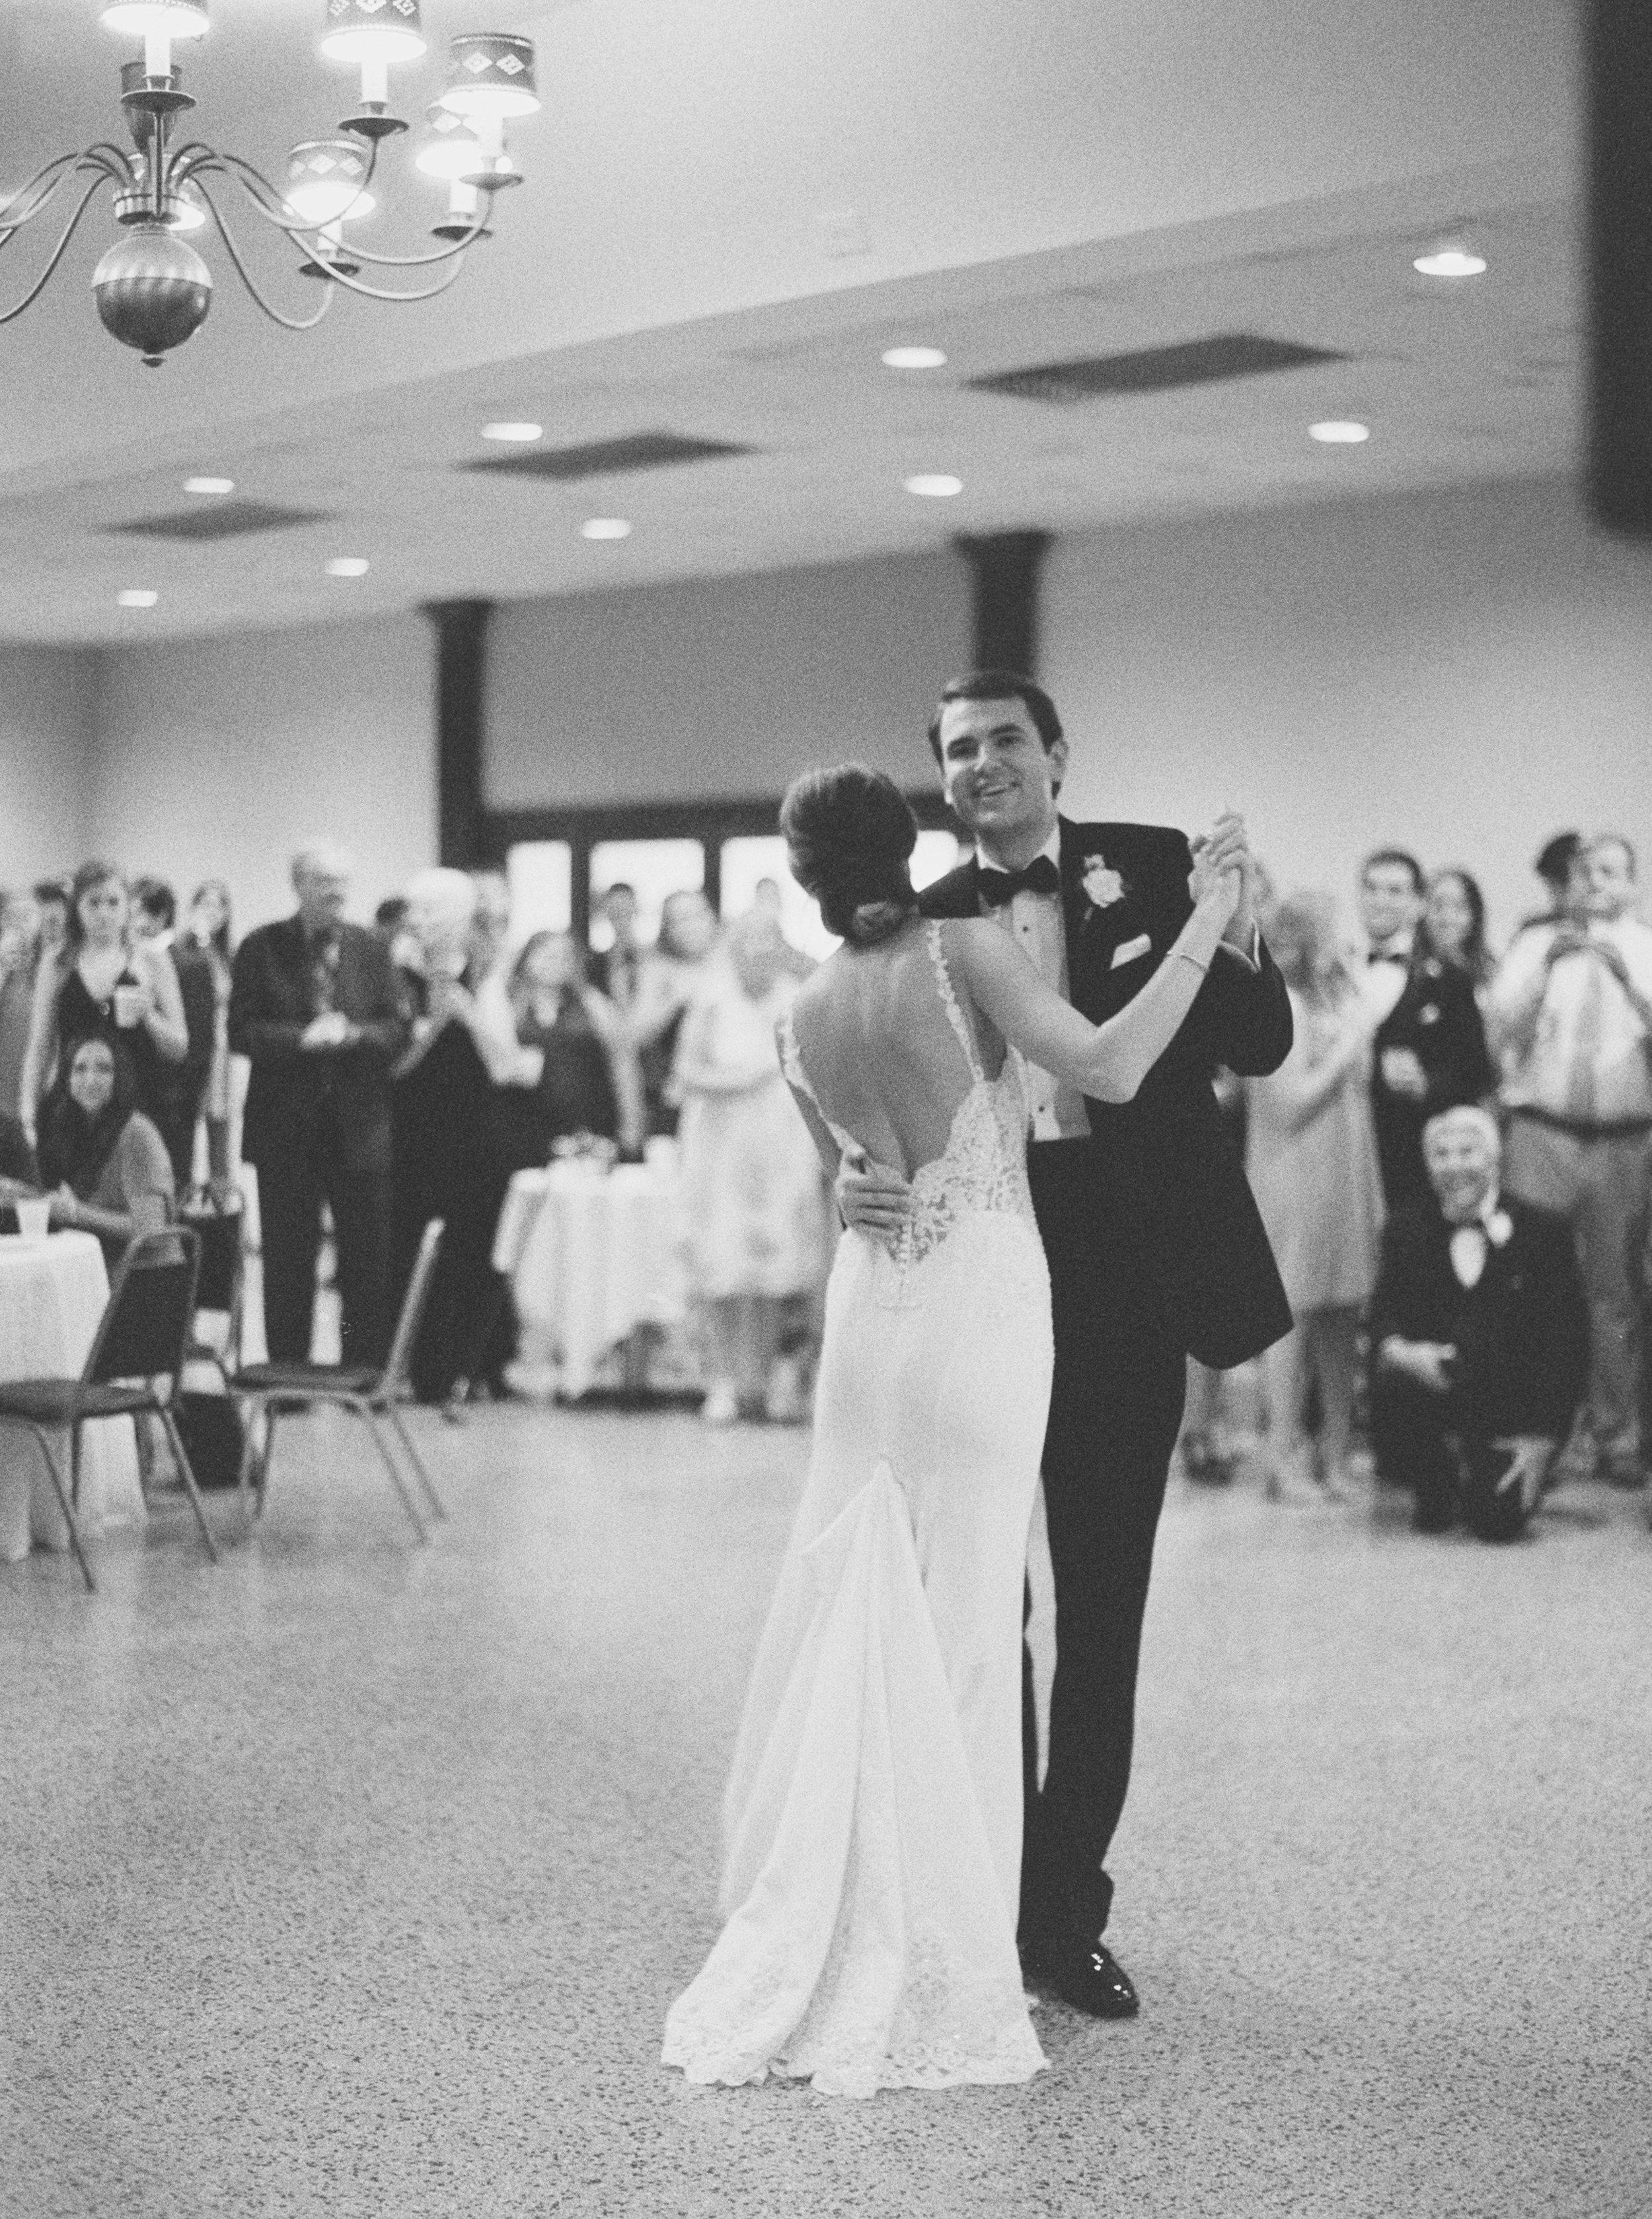 JJ_Sarah_Wedding_Abigail_Malone_Photography-506.jpg